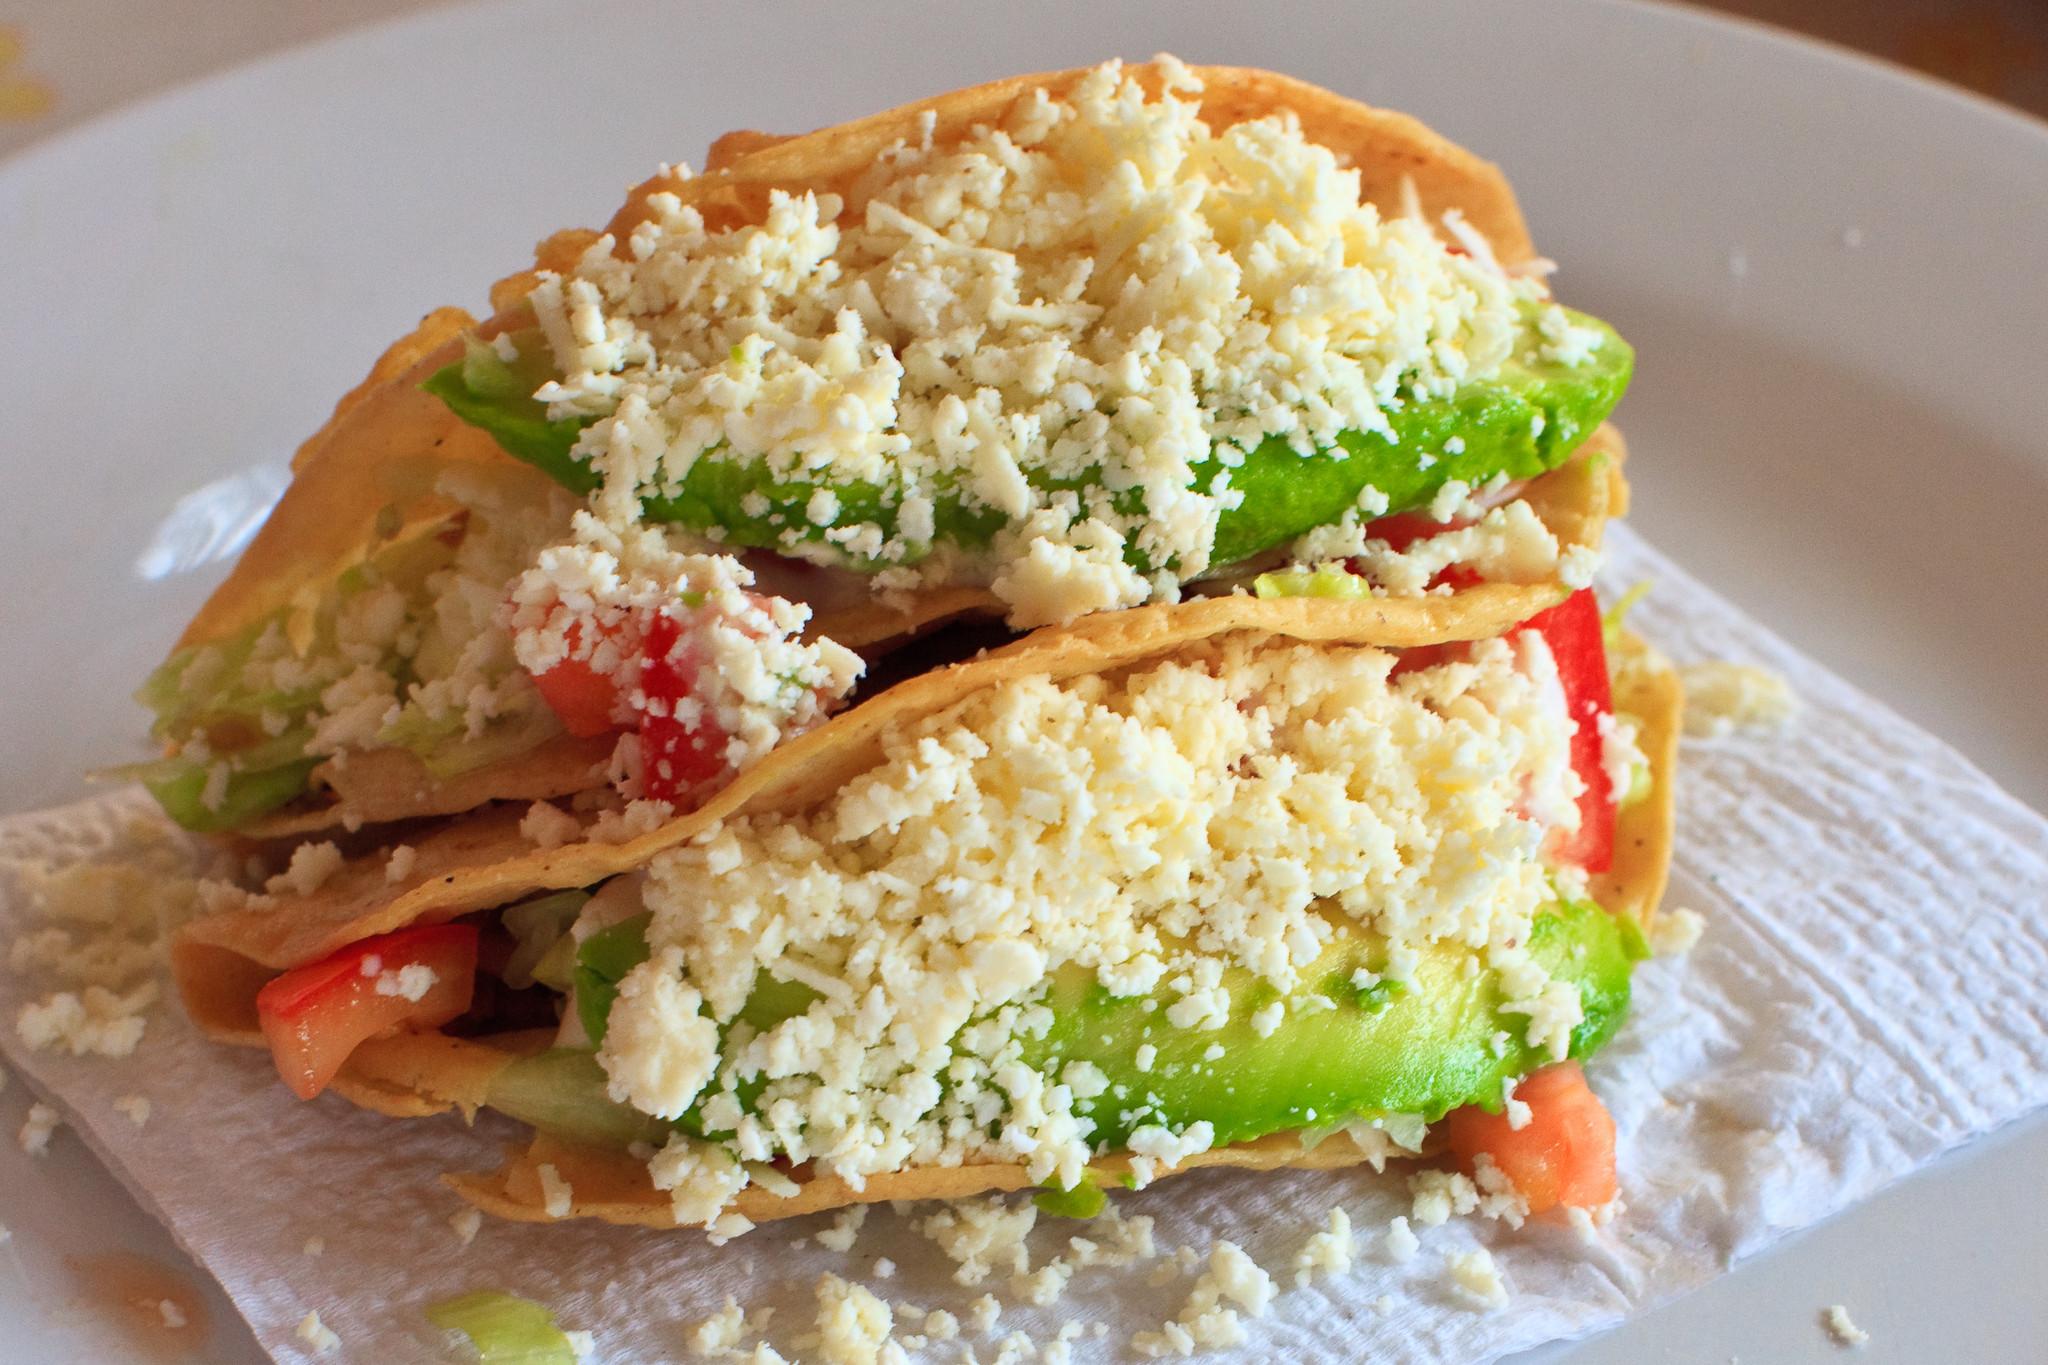 Los Tacos Dorados Up Close, Overflowing with Avocado